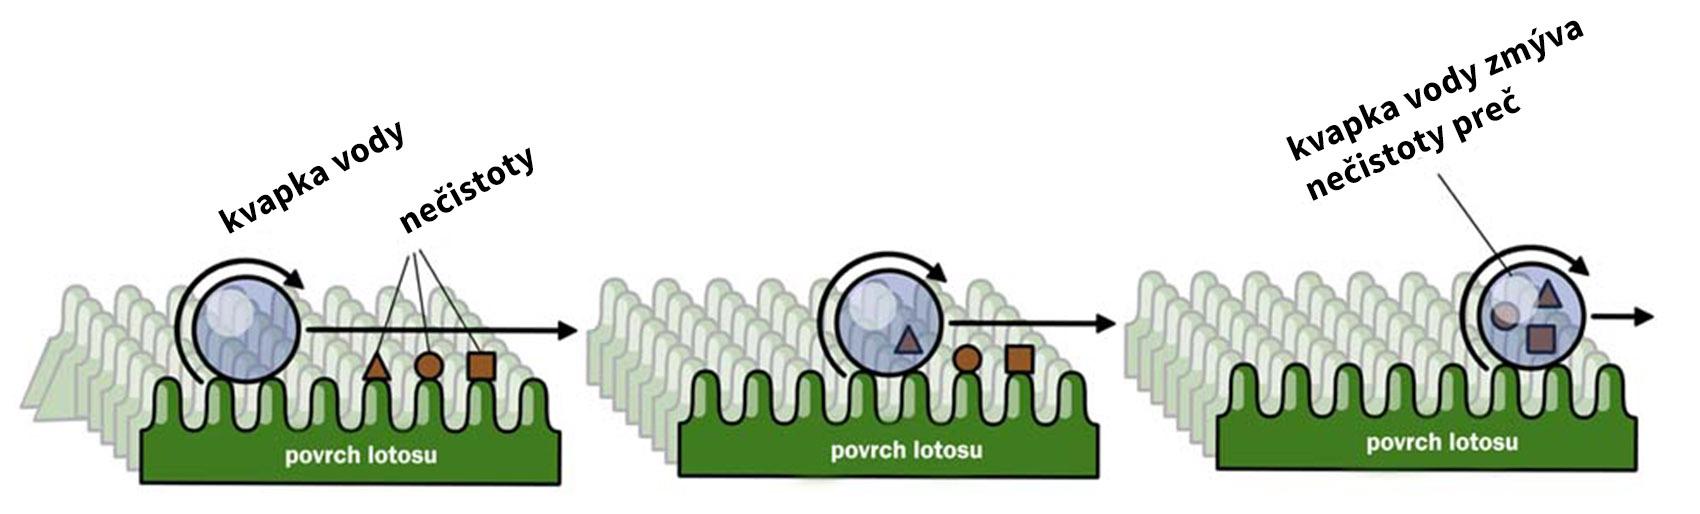 nanotechnológia-samočistiaci efekt